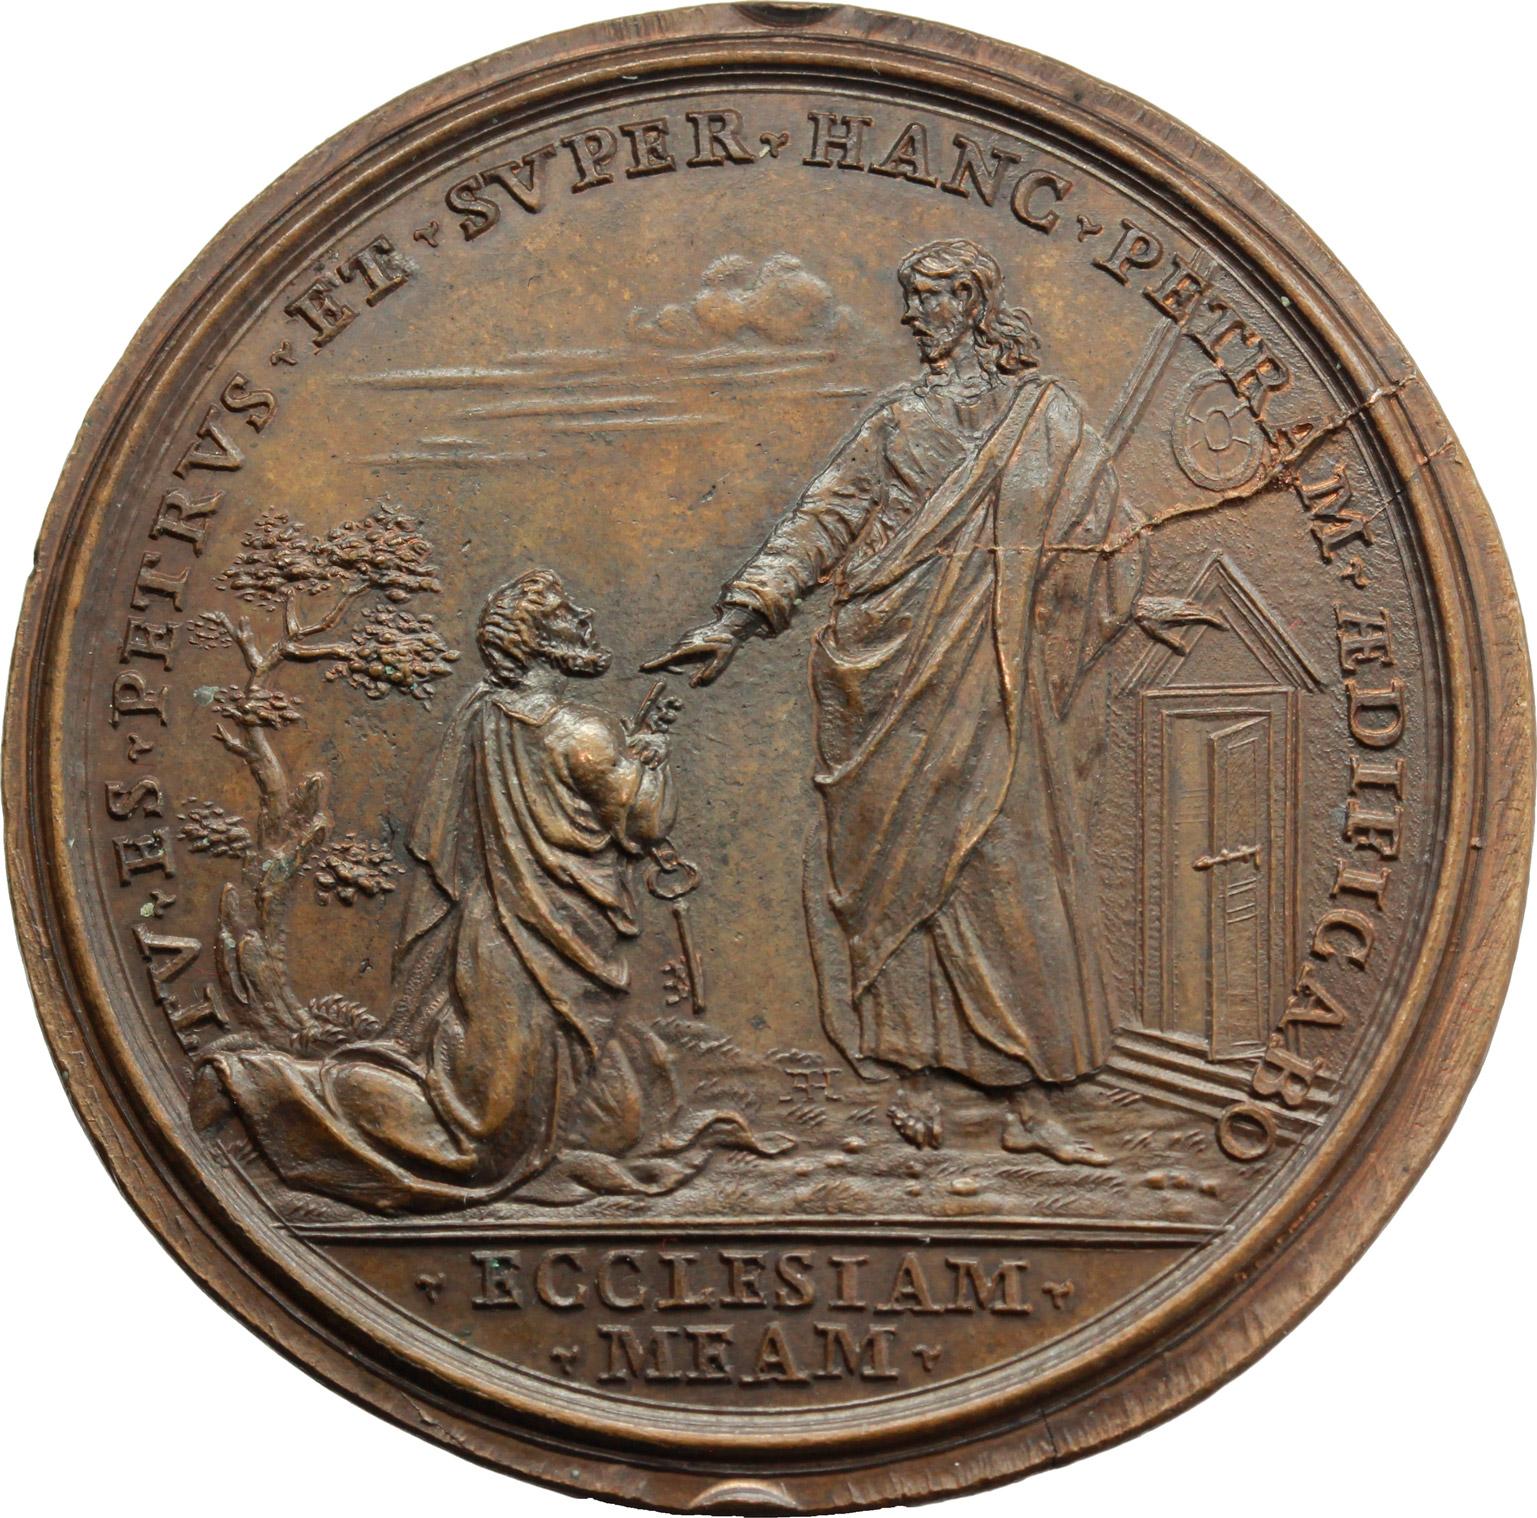 R/ Clemente X (1670-1676), Emilio Bonaventura Altieri. Medaglia A. I, per l'elezione al pontificato.  D/ CLEMENS X PONT MAX AN. I. Busto a destra con triregno e piviale. R/ TV ES PETRVS ET SVPERHANC PETRAM AEDIFICABO/ ECCLESIAM MEAM (in esergo). Gesú consegna le chiavi a S. Pietro. Mis. 4. Patr. 10. AE.   mm. 42.50    SPL.